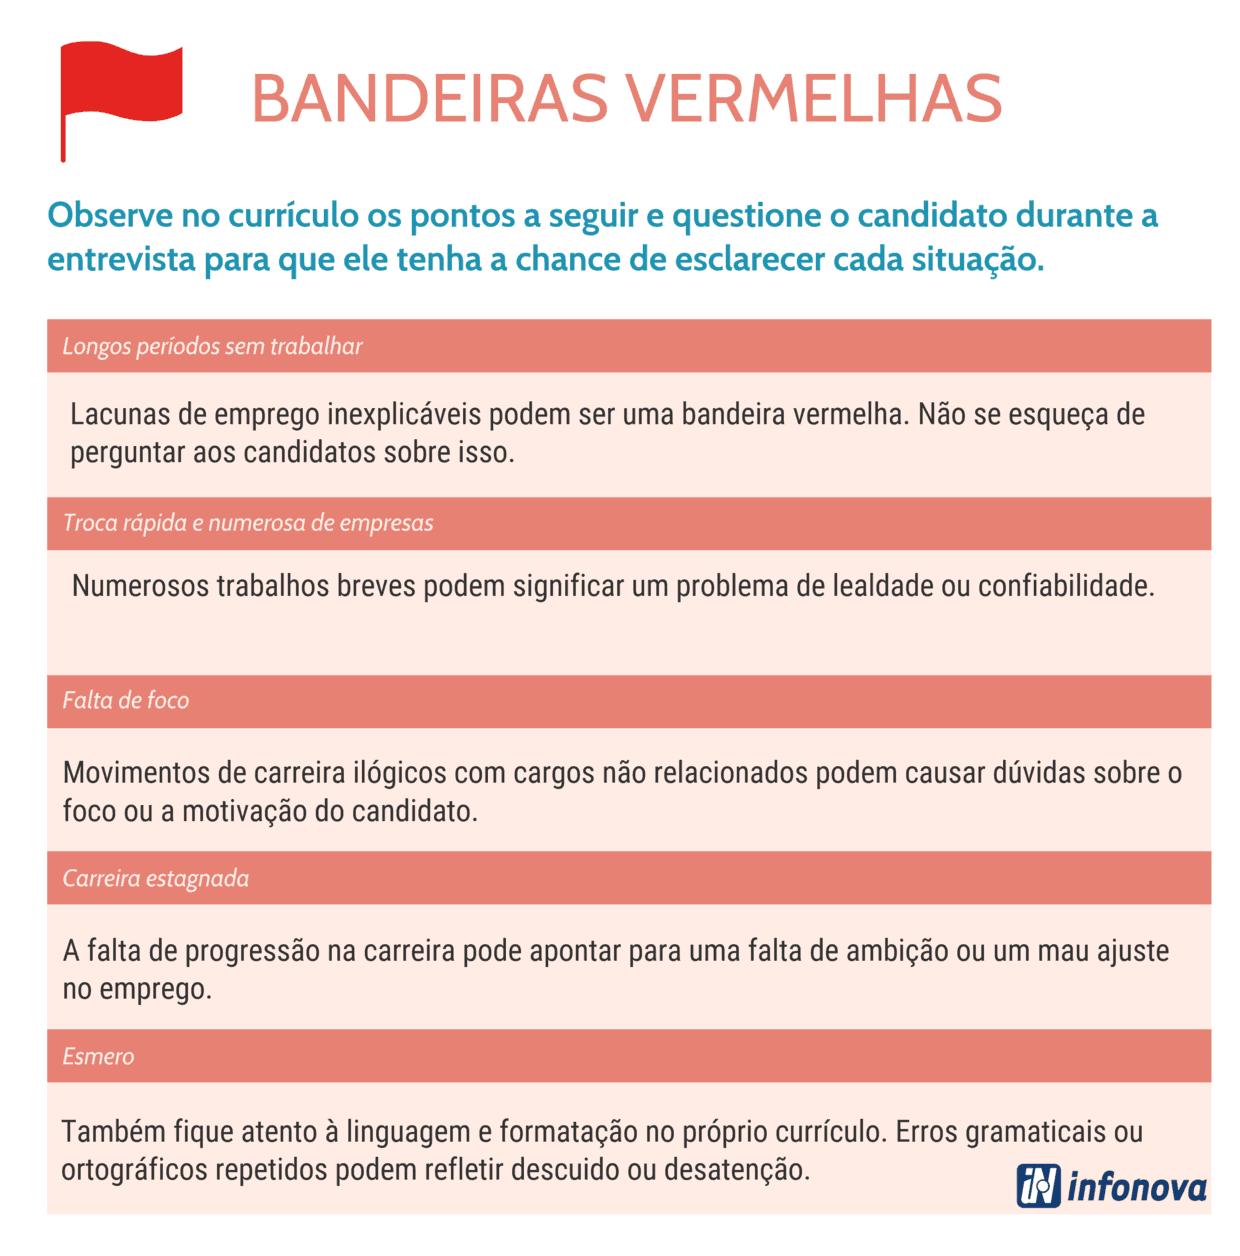 bandeiras vermelhas de candidatos